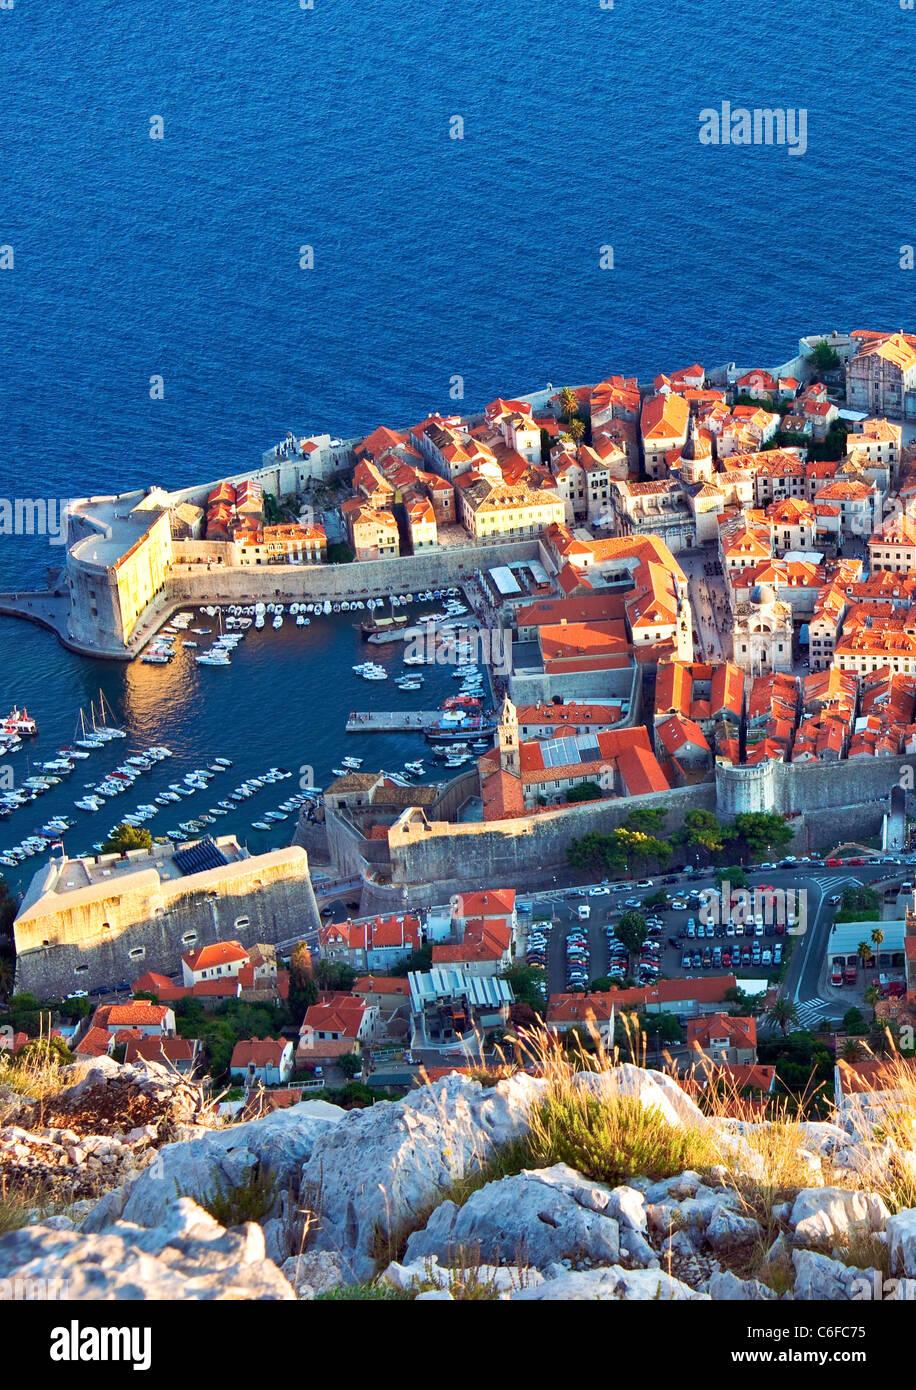 Dubrovnik, Kroatien, Wände, Hafen, Altstadt, am späten Abend Stockfoto